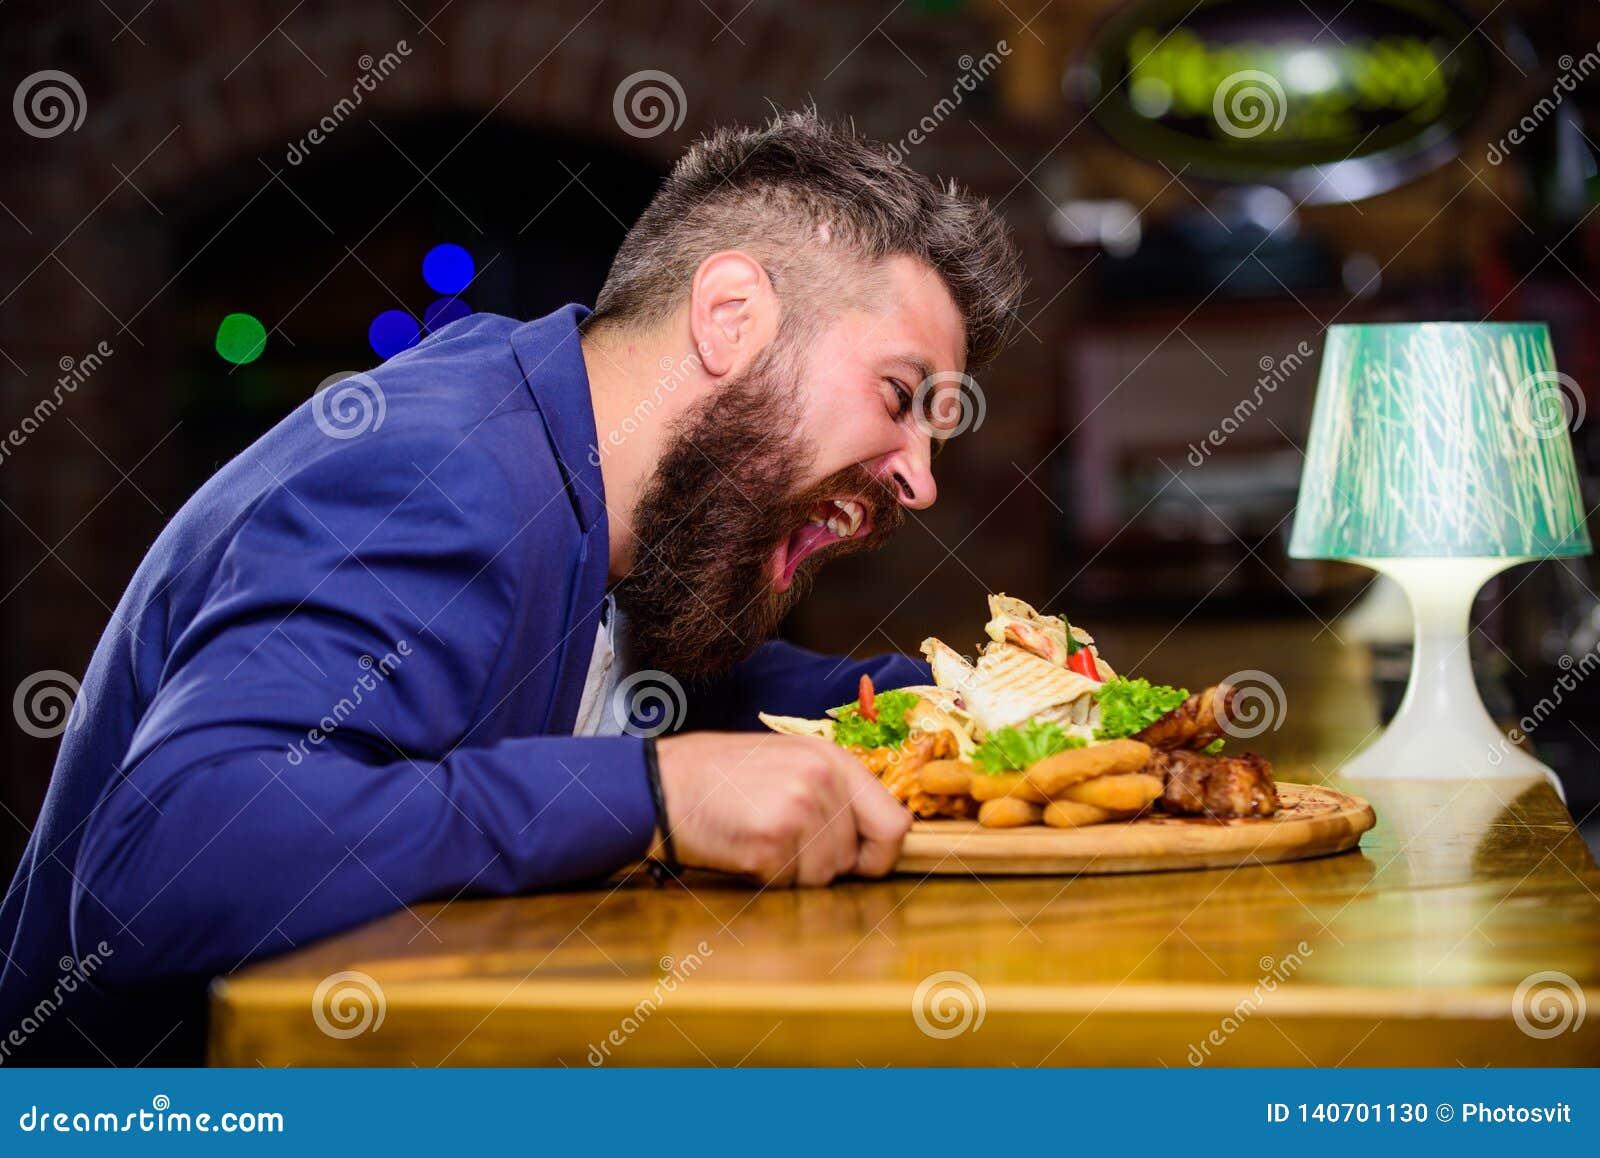 Nabranie posiłku pojęcie Modniś głodny je pub smażącego jedzenie Kierownika formalny kostium siedzi przy baru kontuarem Wyśmienic